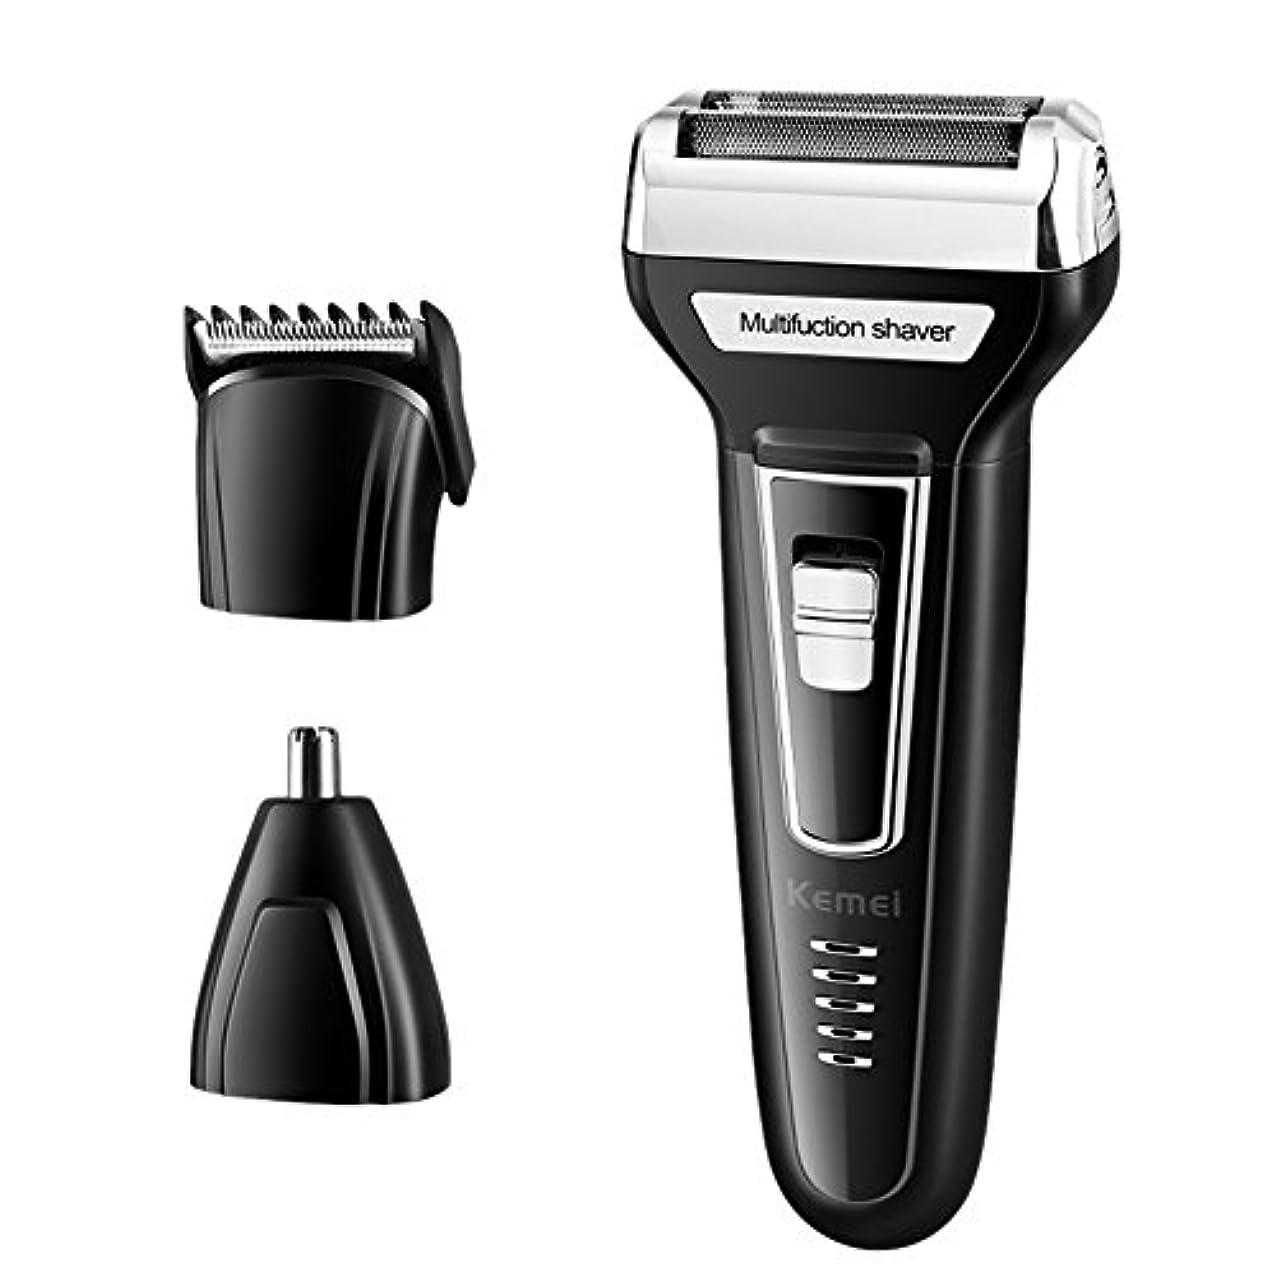 強制的ドメインのTeFuAnAn メンズシェーバー 電動シェーバー 電気カミソリ 3 in 1 毛のお手入れ 髭剃り 鼻毛カッター 充電交流式